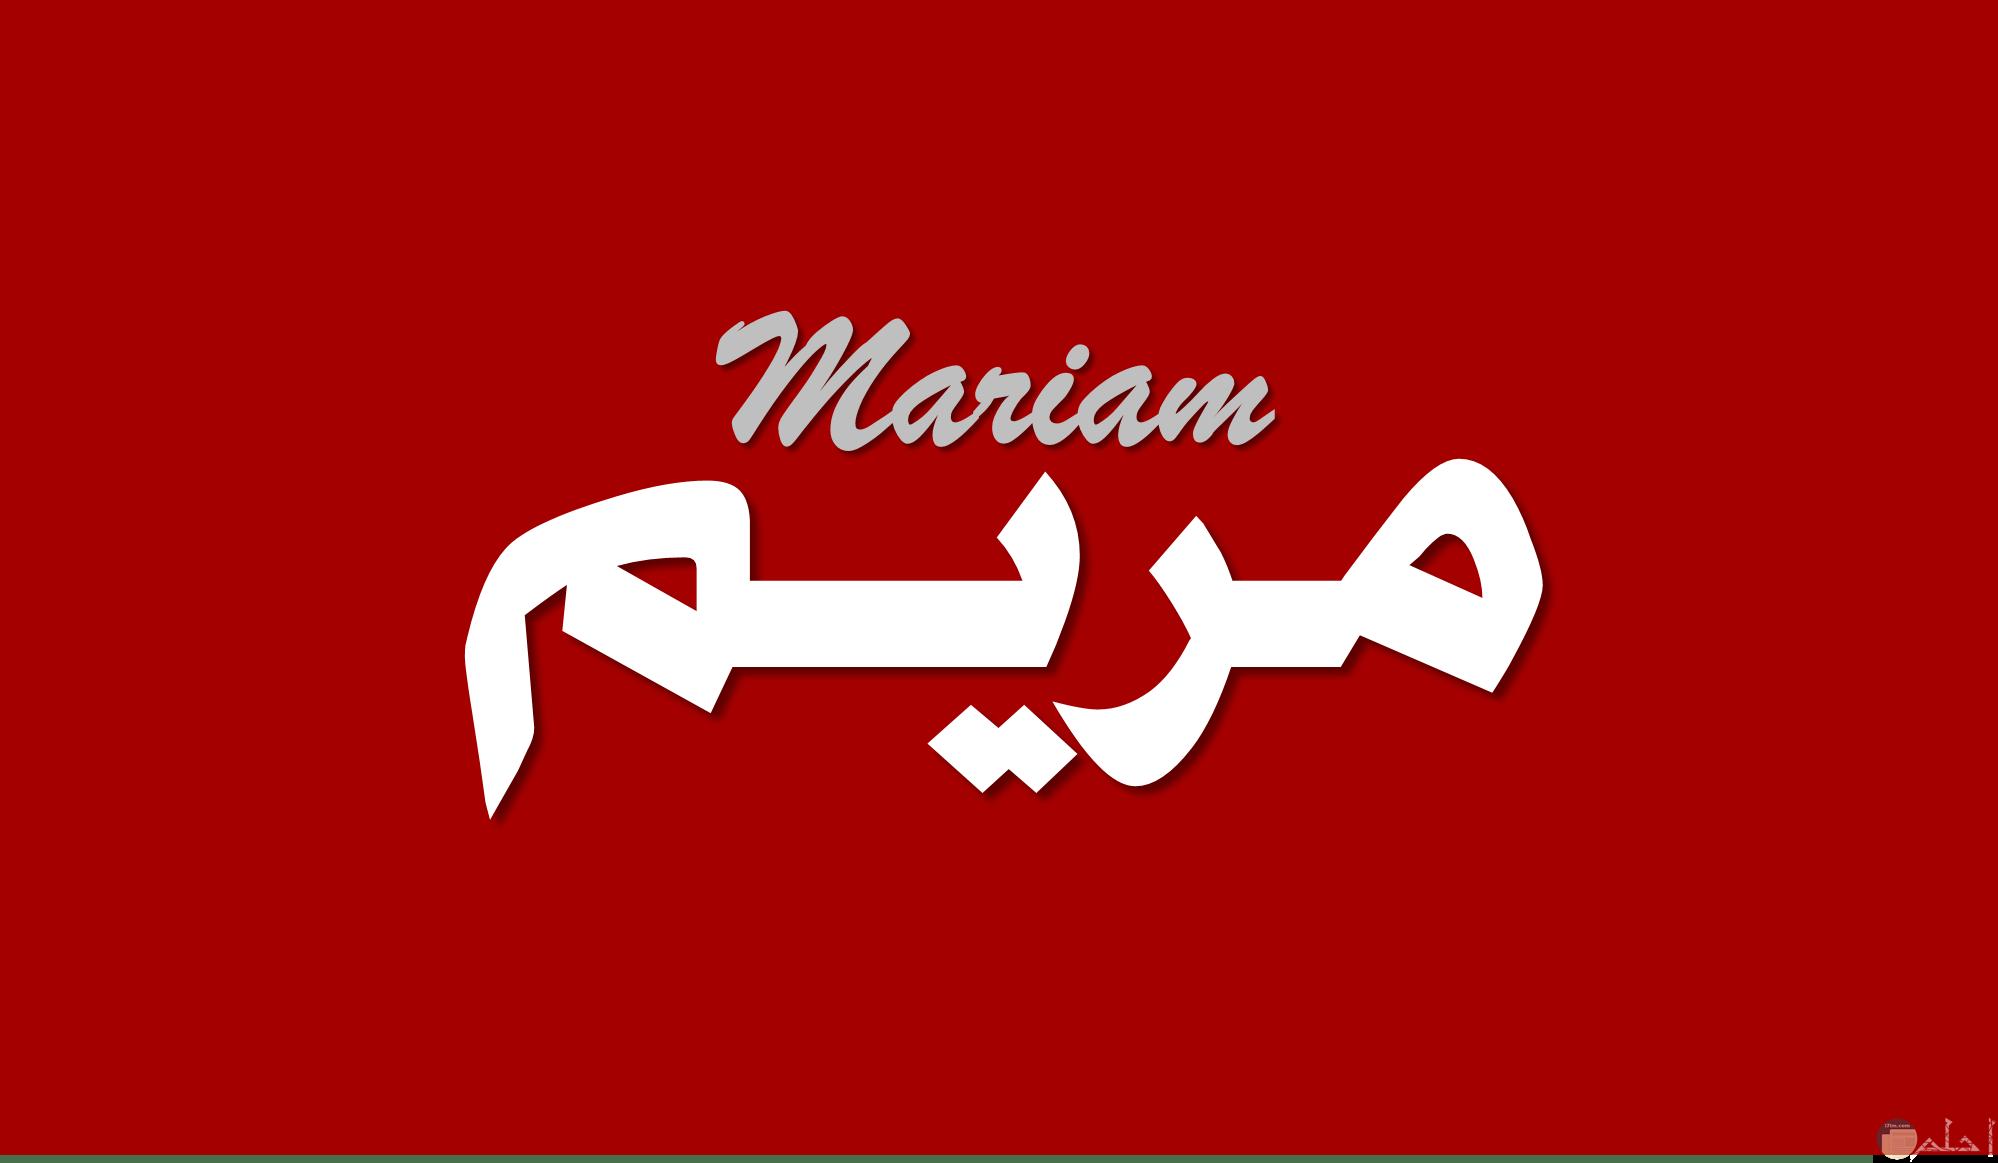 صورة تحمل اسم مريم بالعربى و الانجليزى.